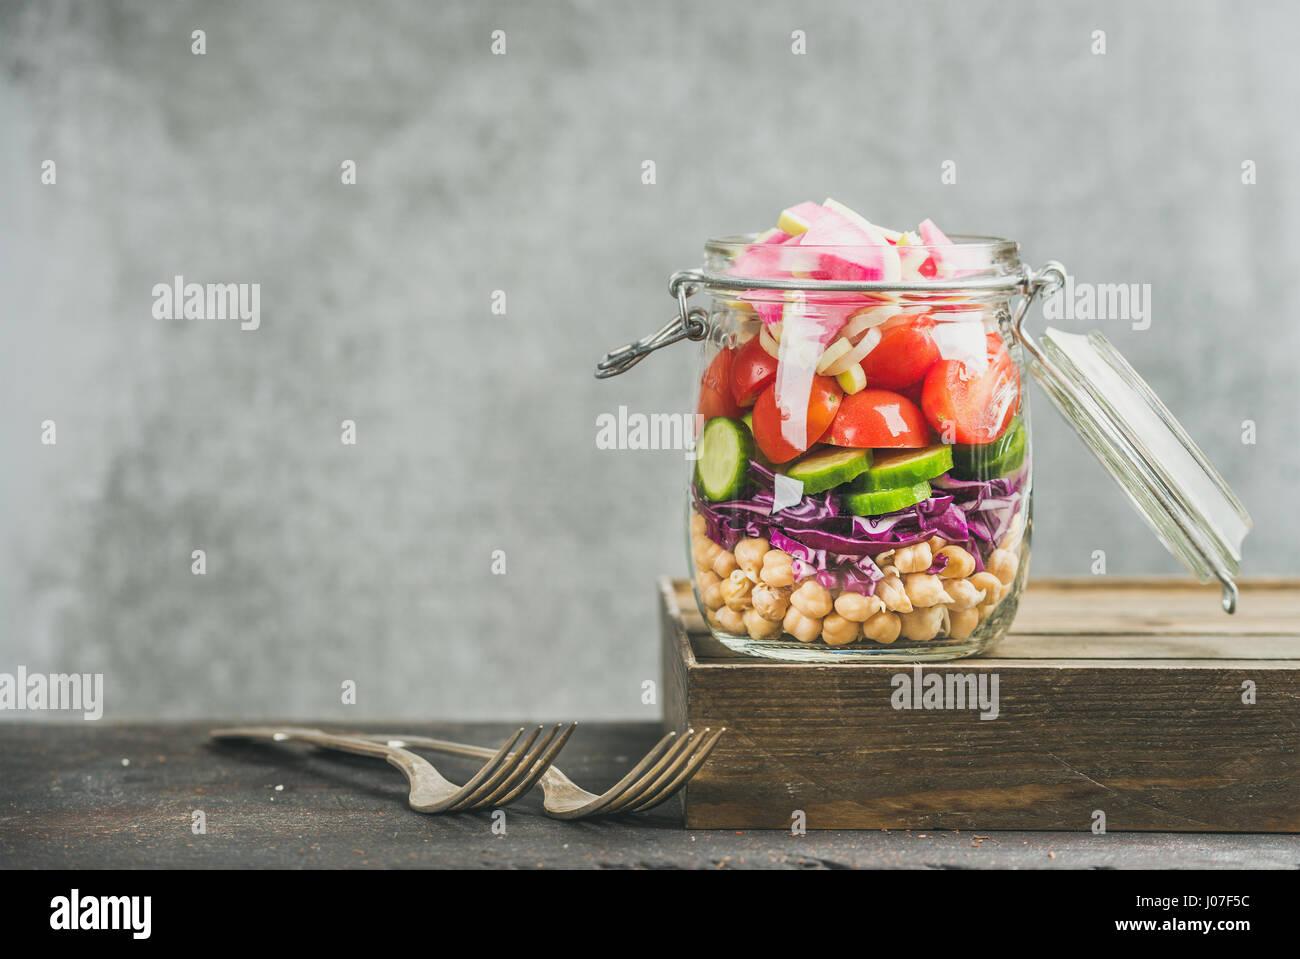 Déjeuner à emporter en bonne santé avec des légumes et des pois chiches germées Photo Stock